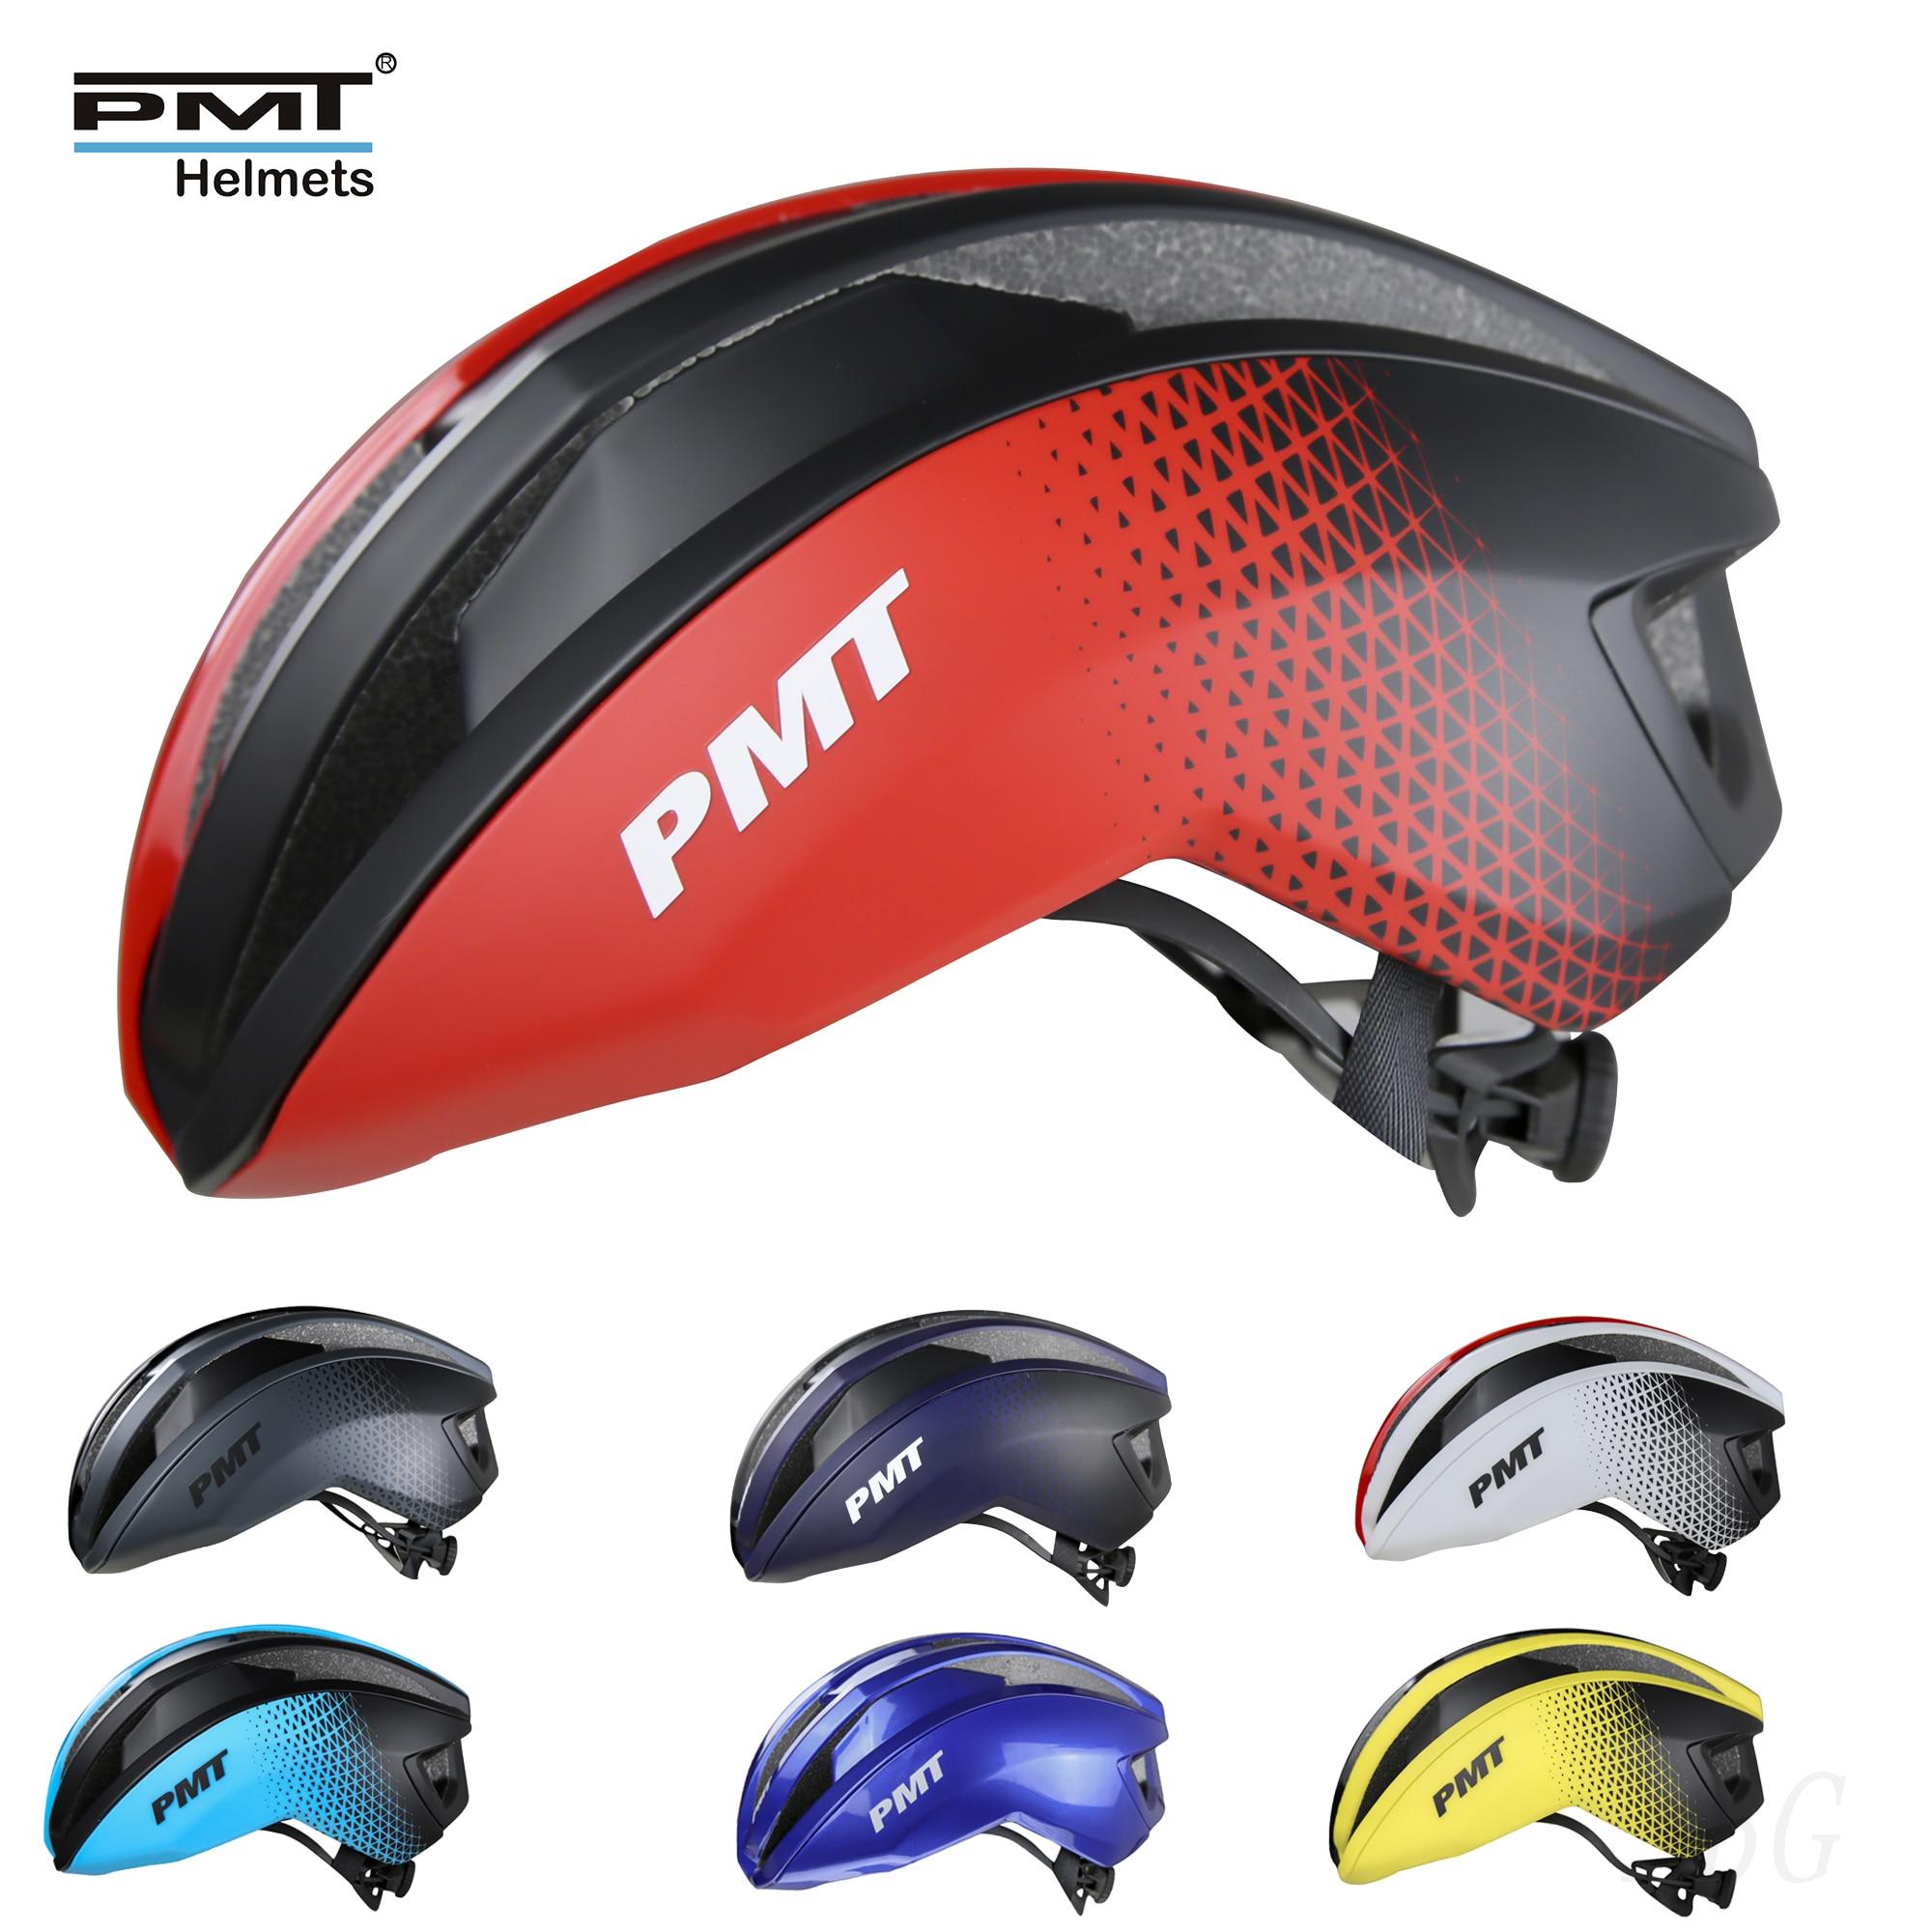 PMT PUDI ciclismo ultraligero casco de bicicleta de carretera Intergrally-moldeado casco ciclismo kask ciclismo seguridad tapa de las mujeres de los Hombres Nuevo